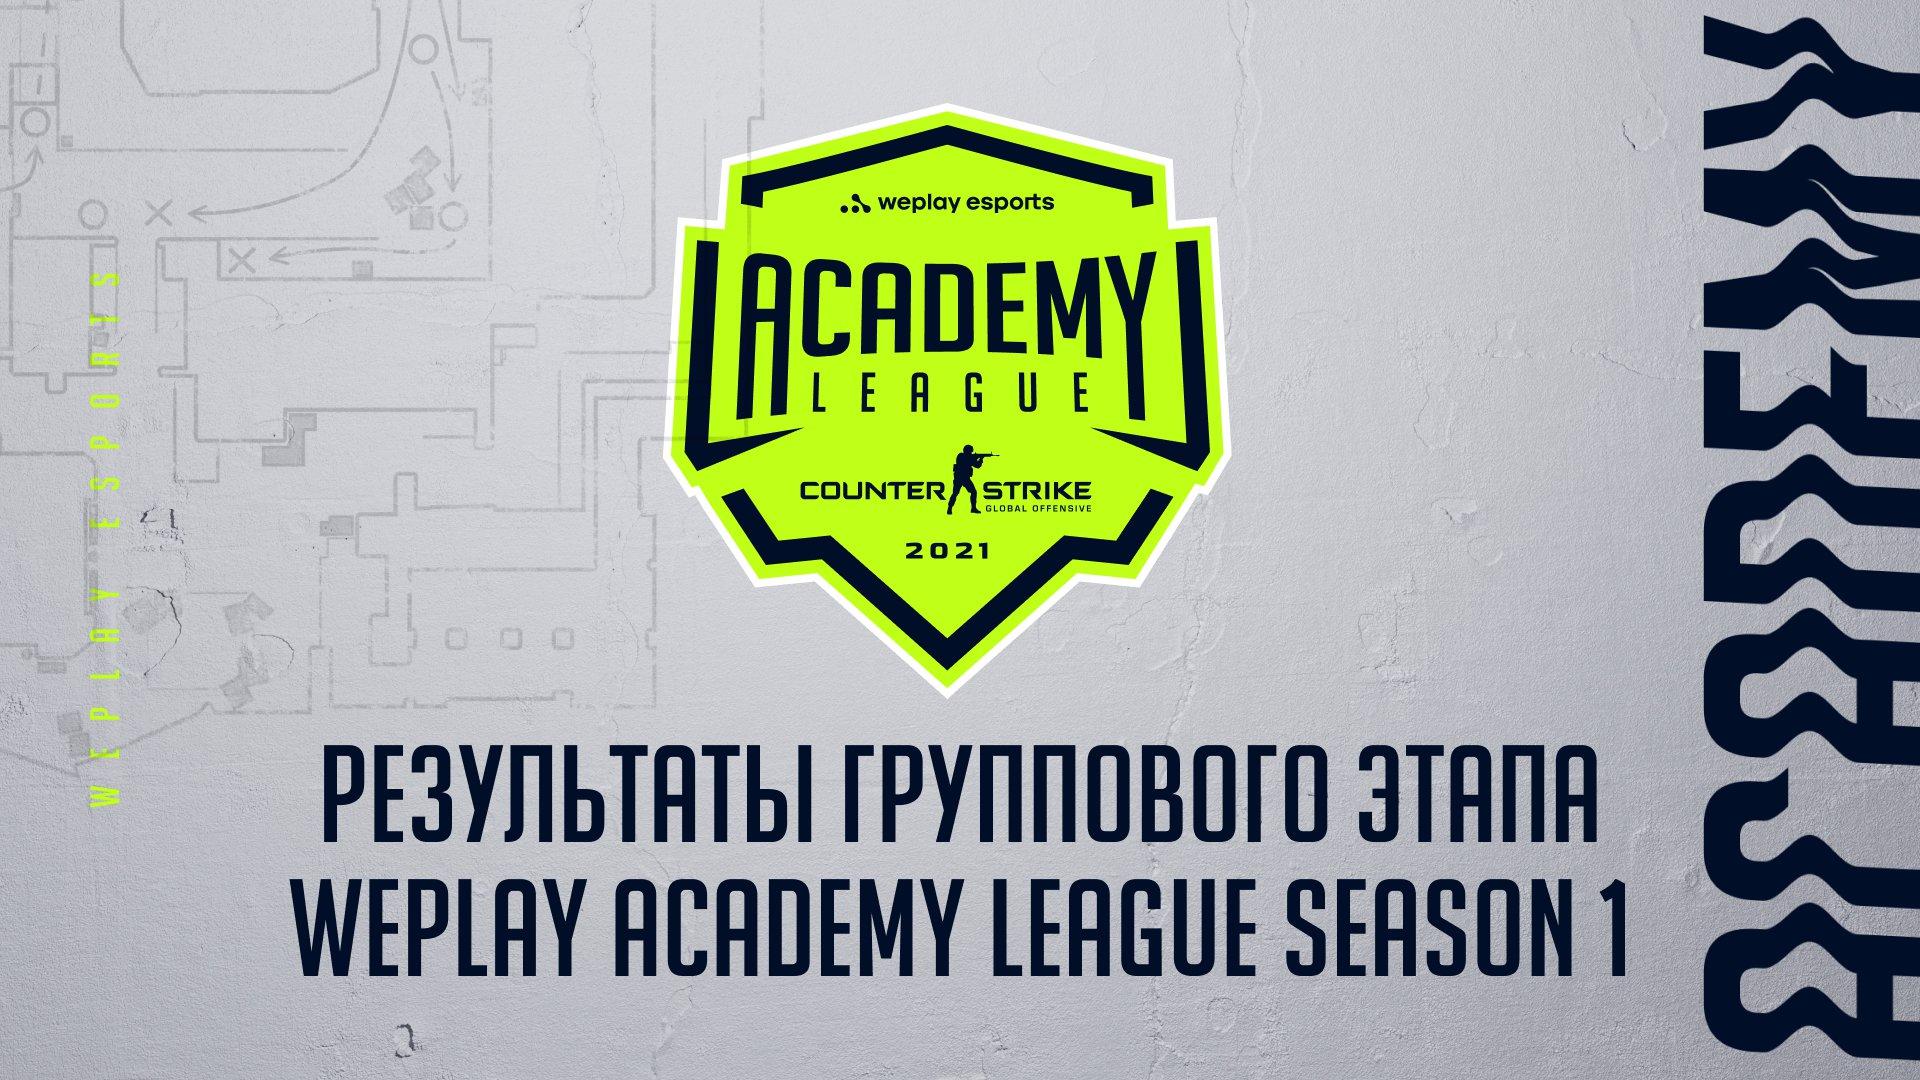 Результаты группового этапа WePlay Academy League Season 1. Изображение: WePlay Holding